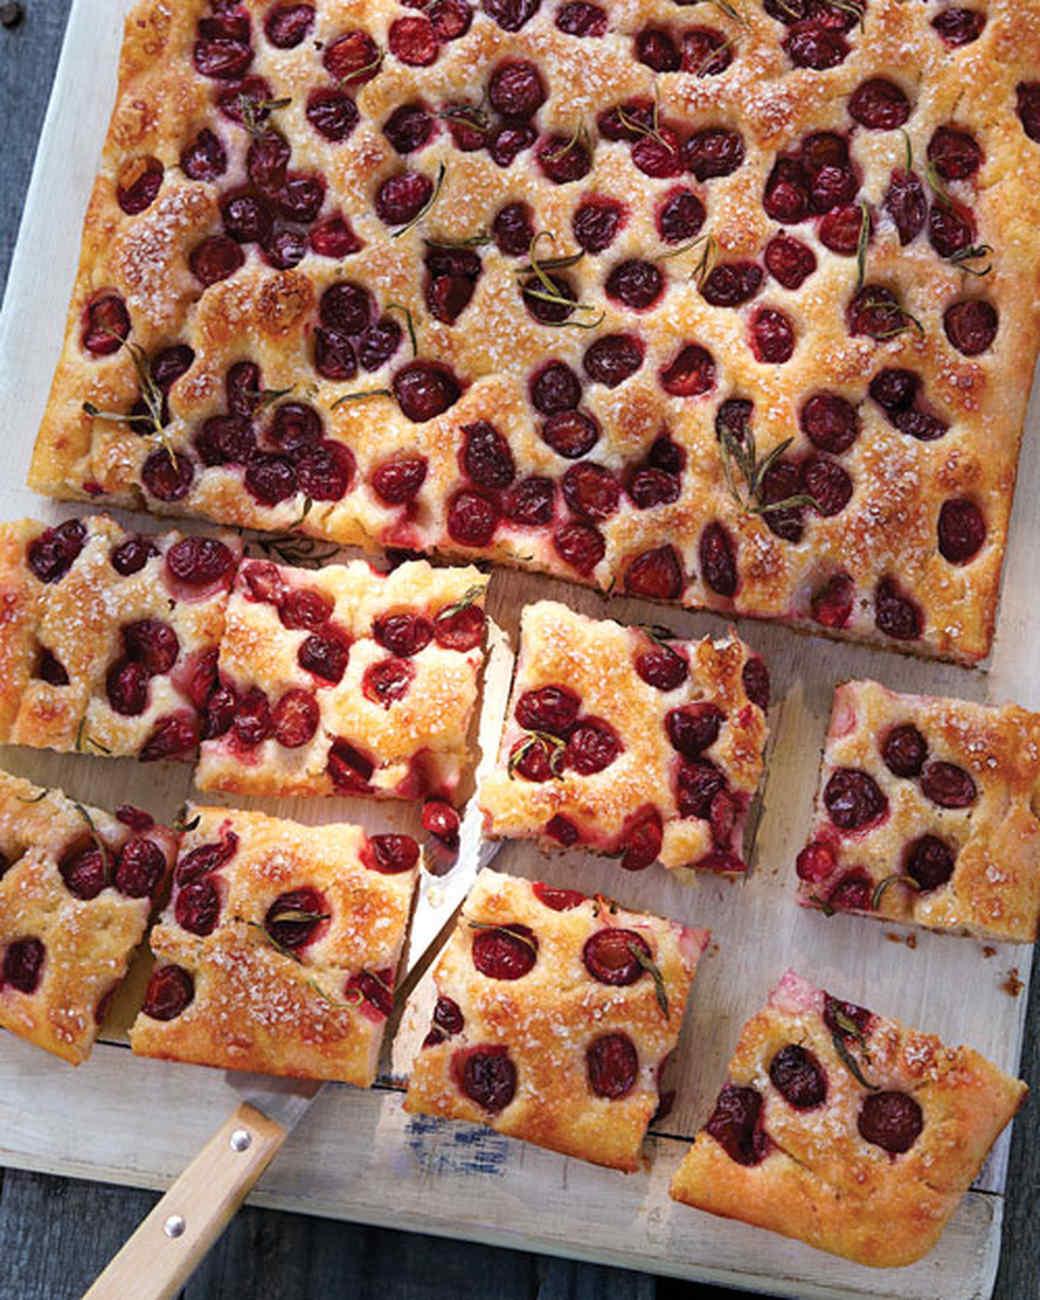 cherries-0711mld106245-img-7952.jpg